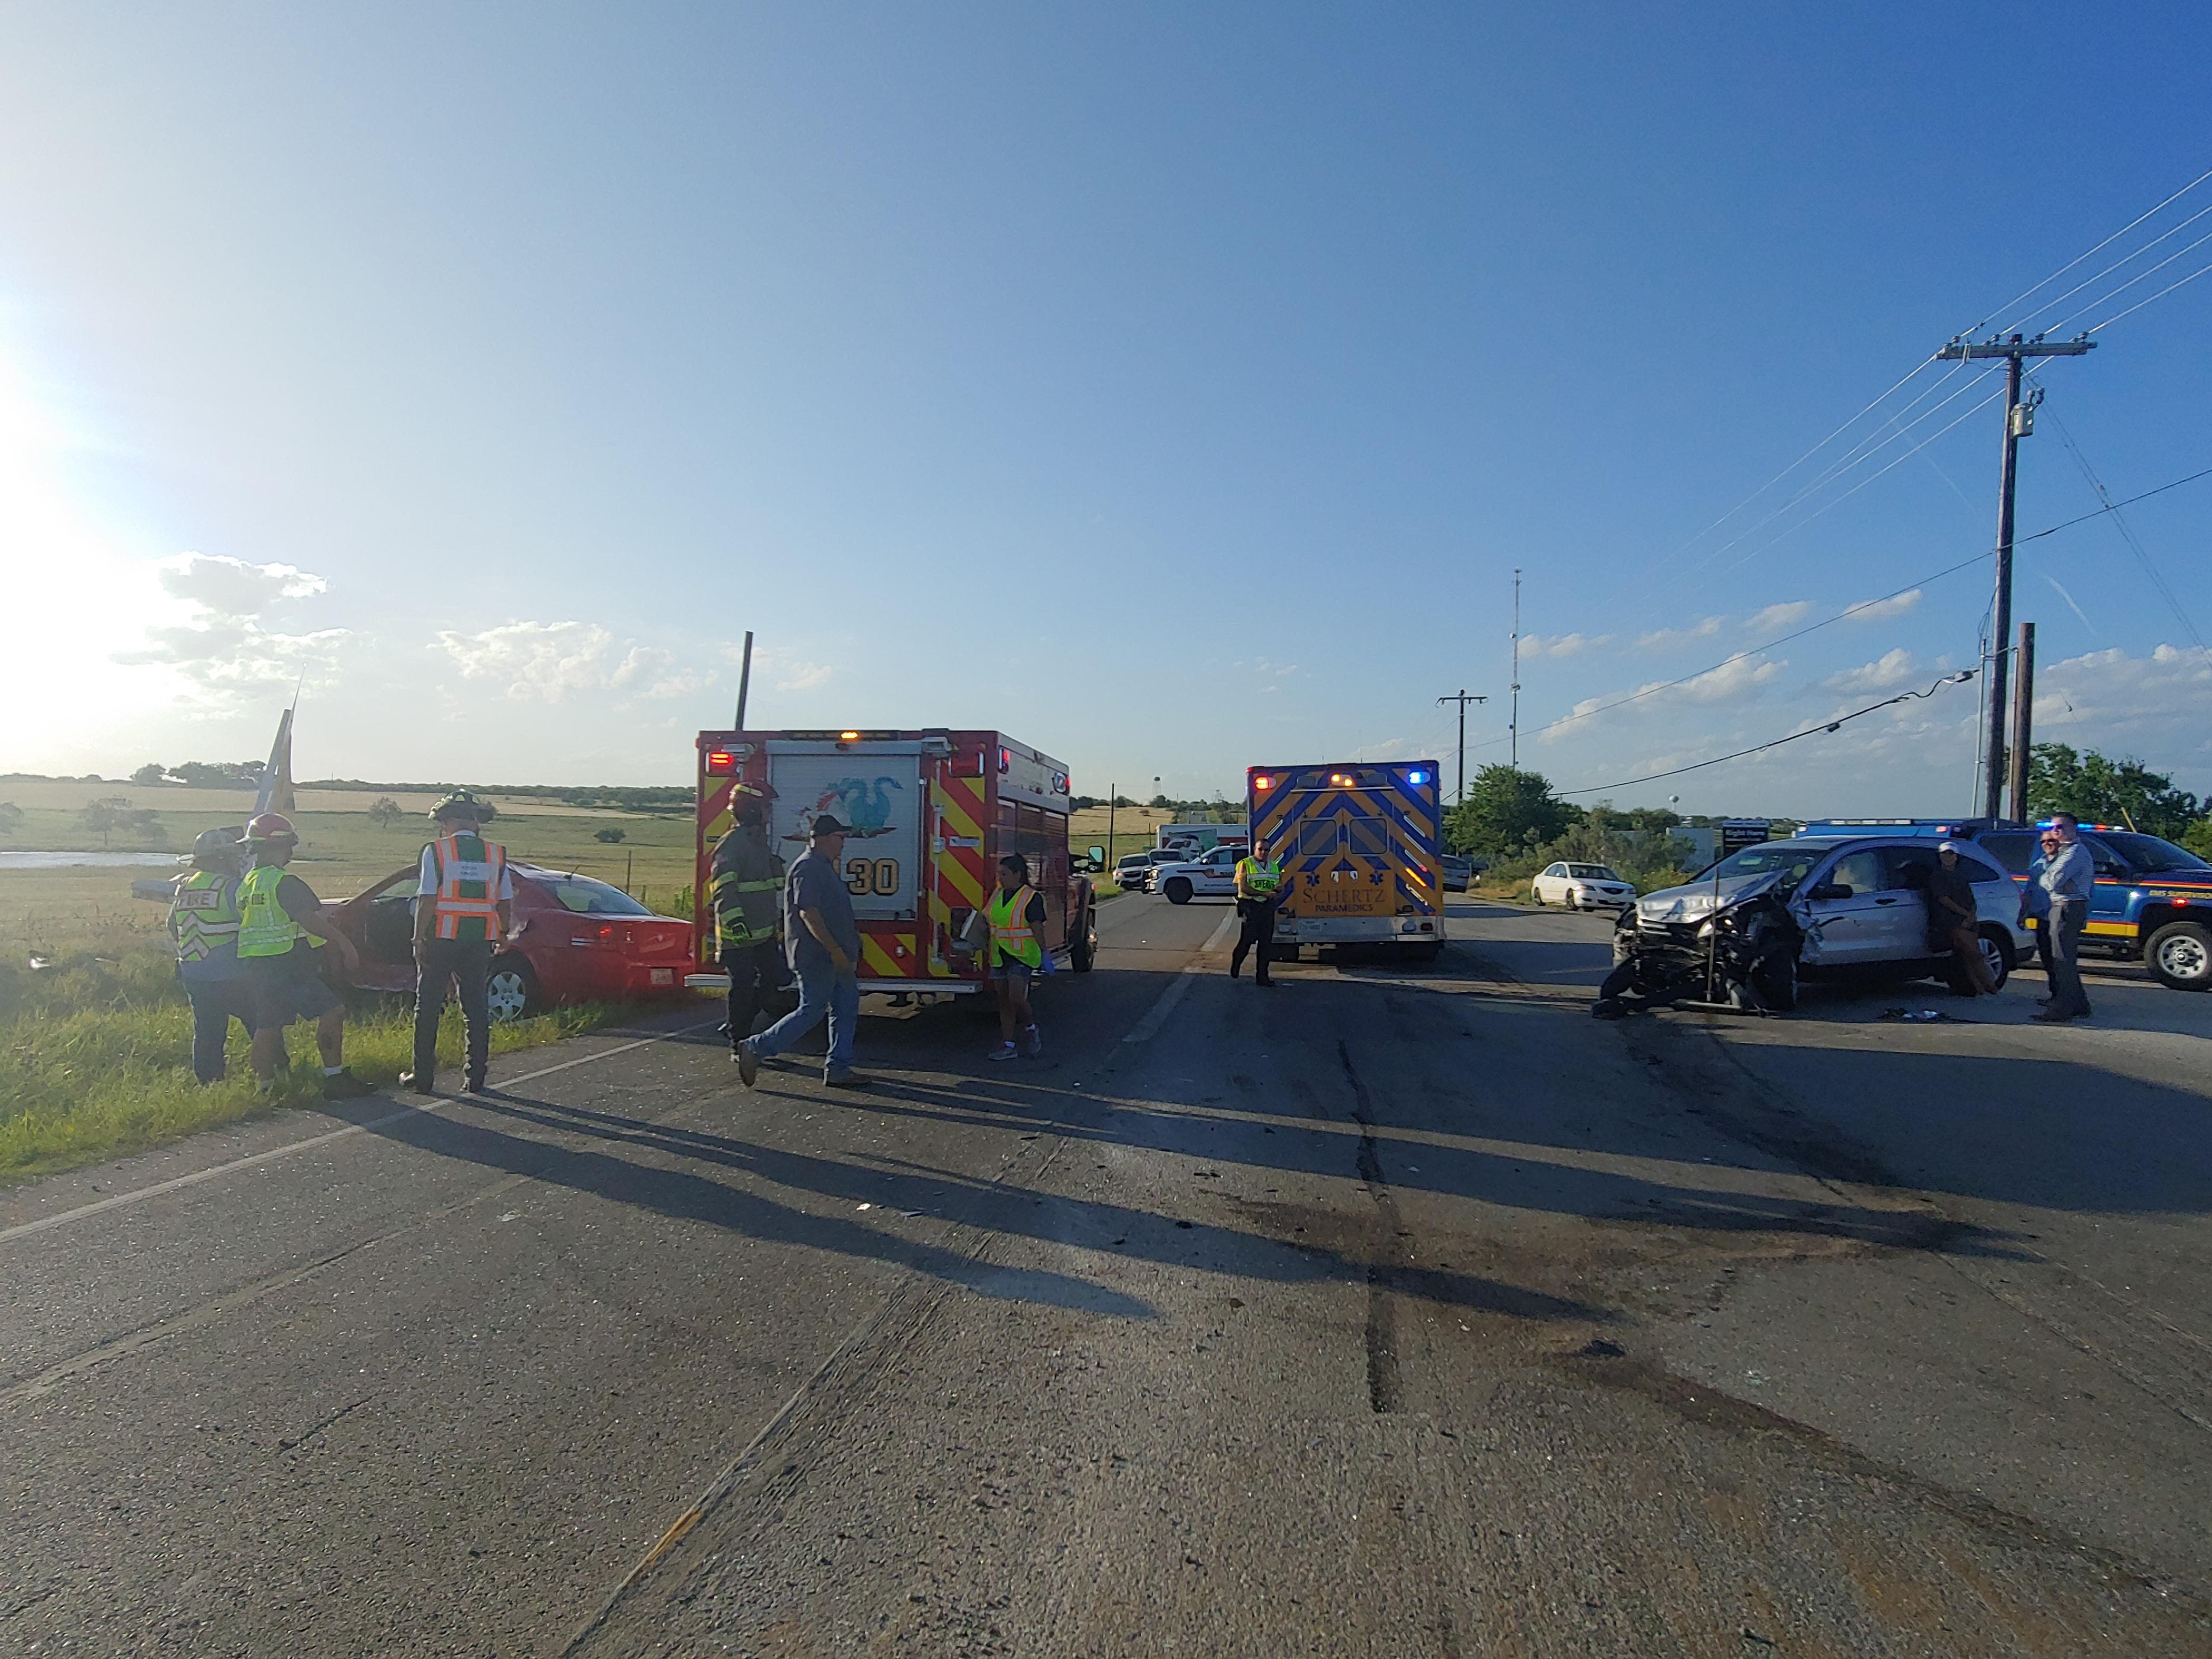 McQueeney Volunteer Fire Department Responds to Wreck at